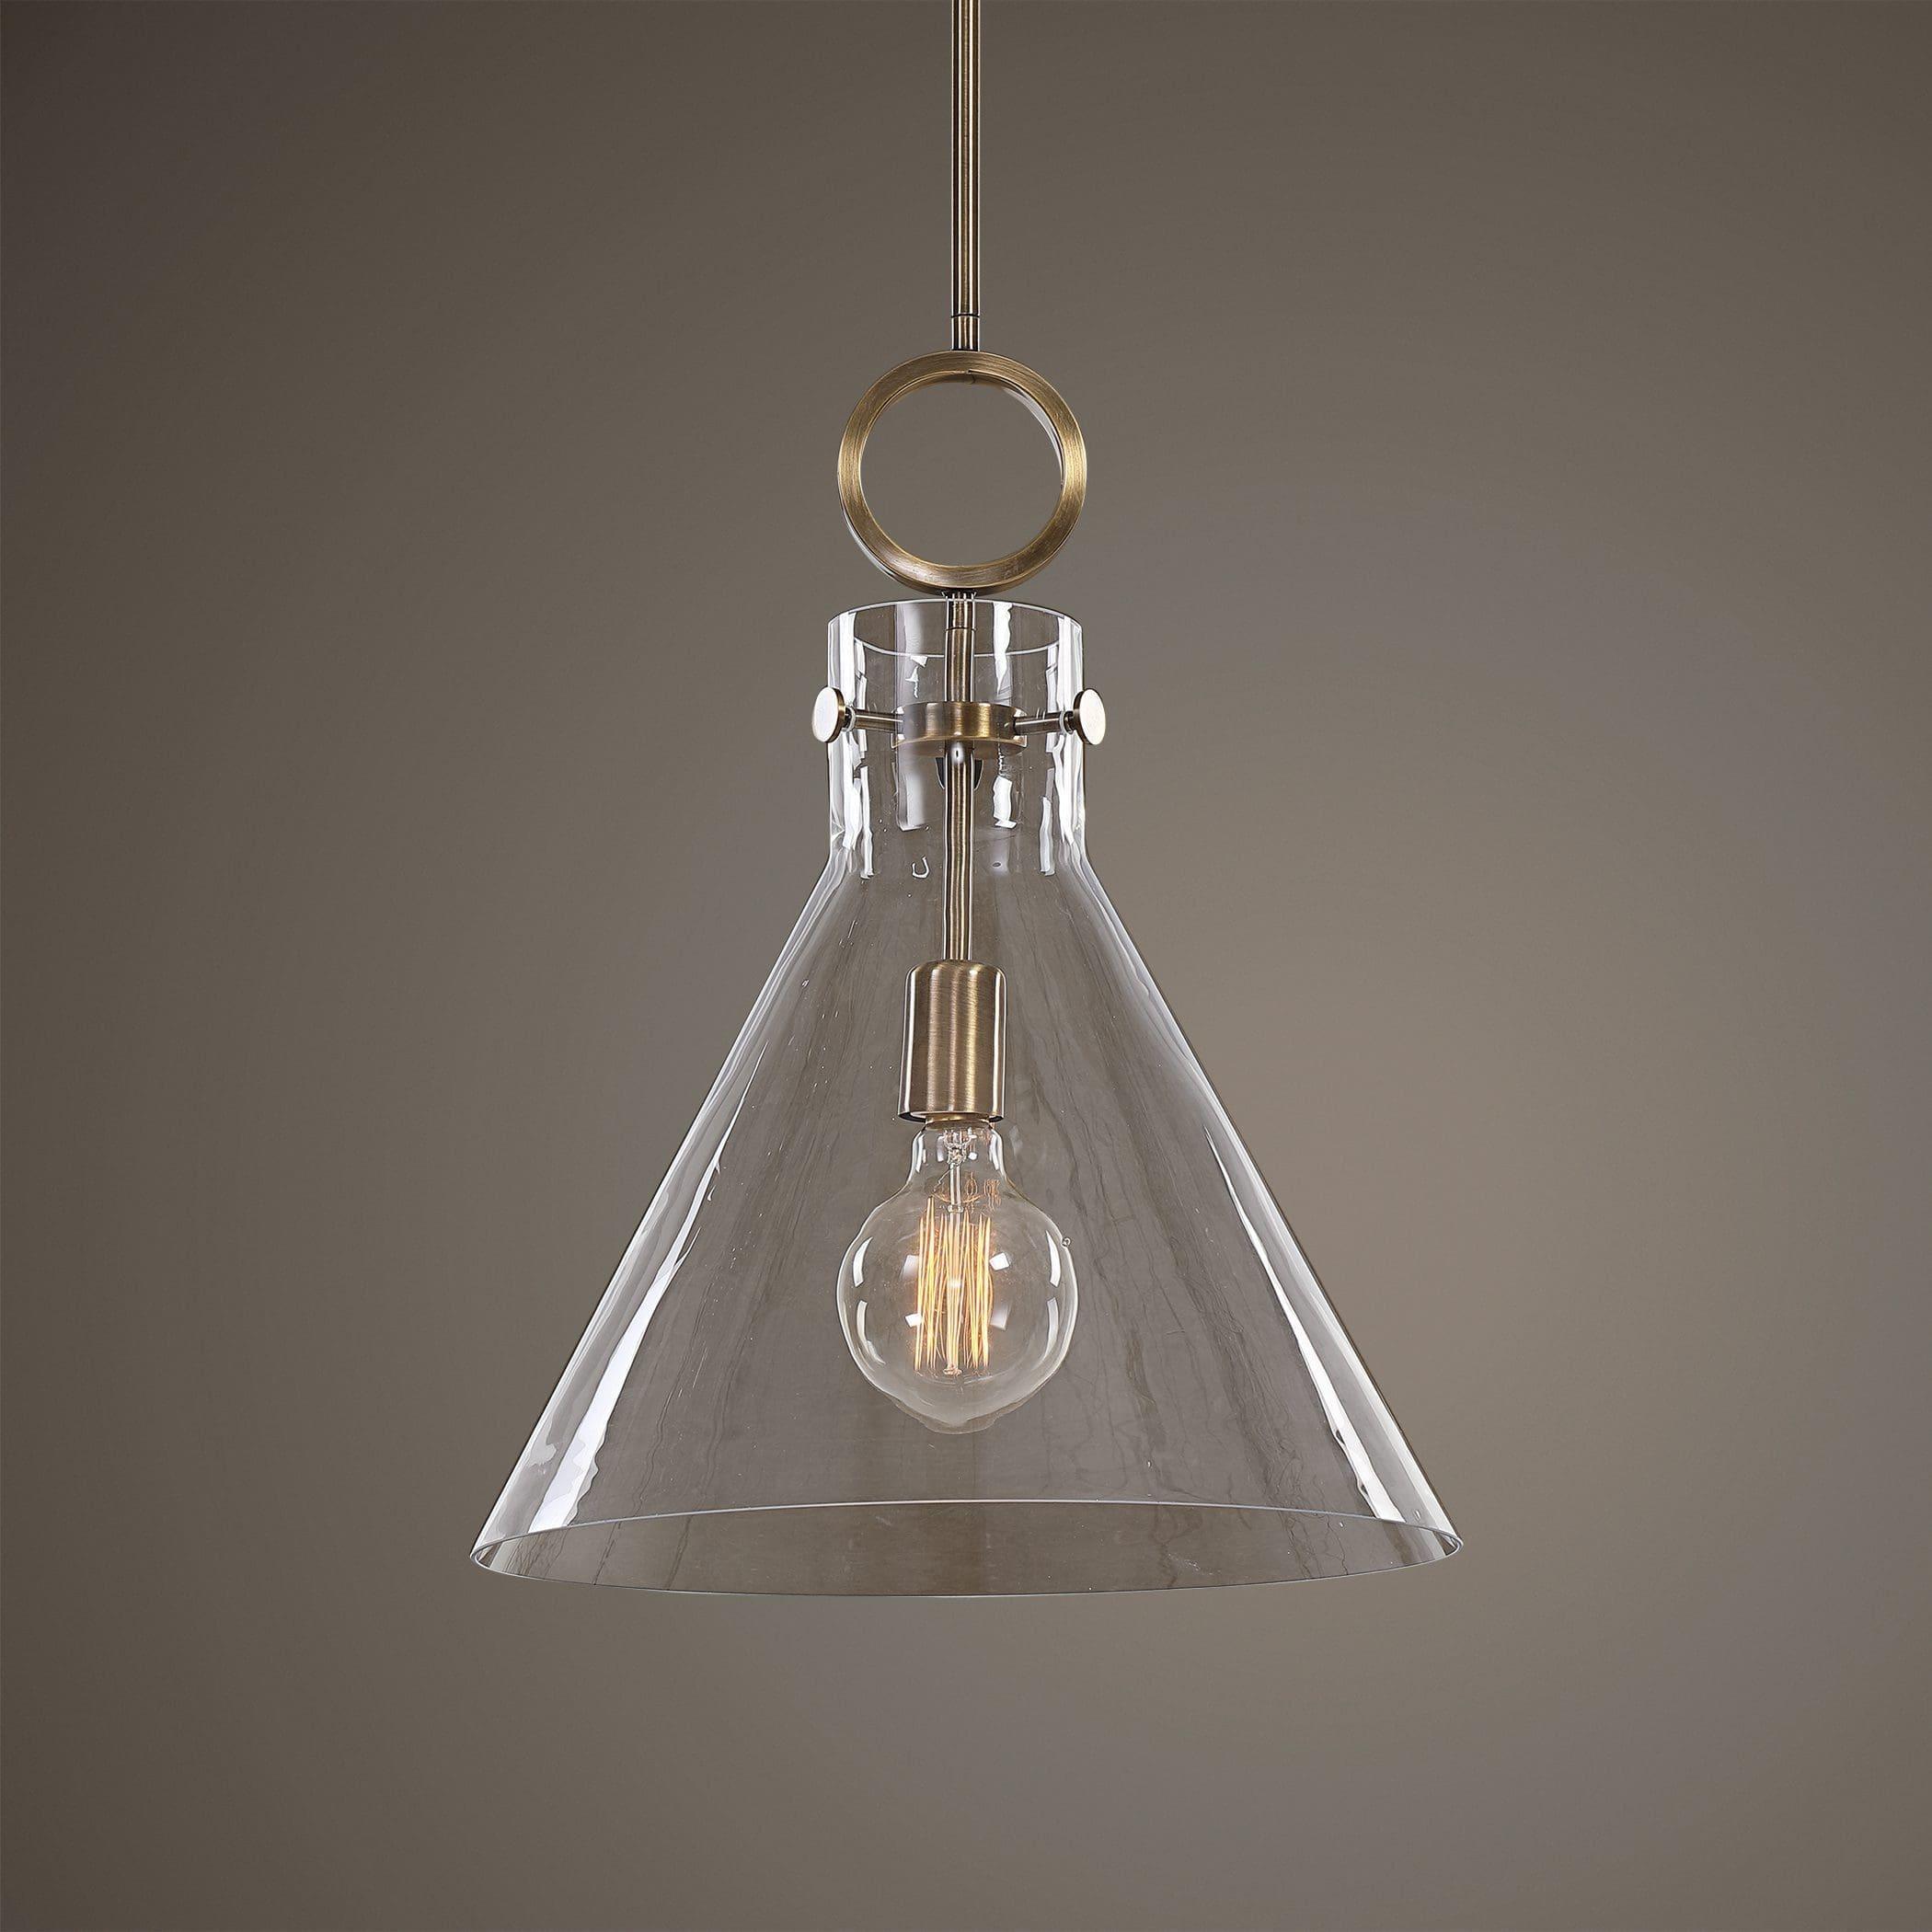 Uttermost Imbuto Funnel Glass 1 Light Pendant